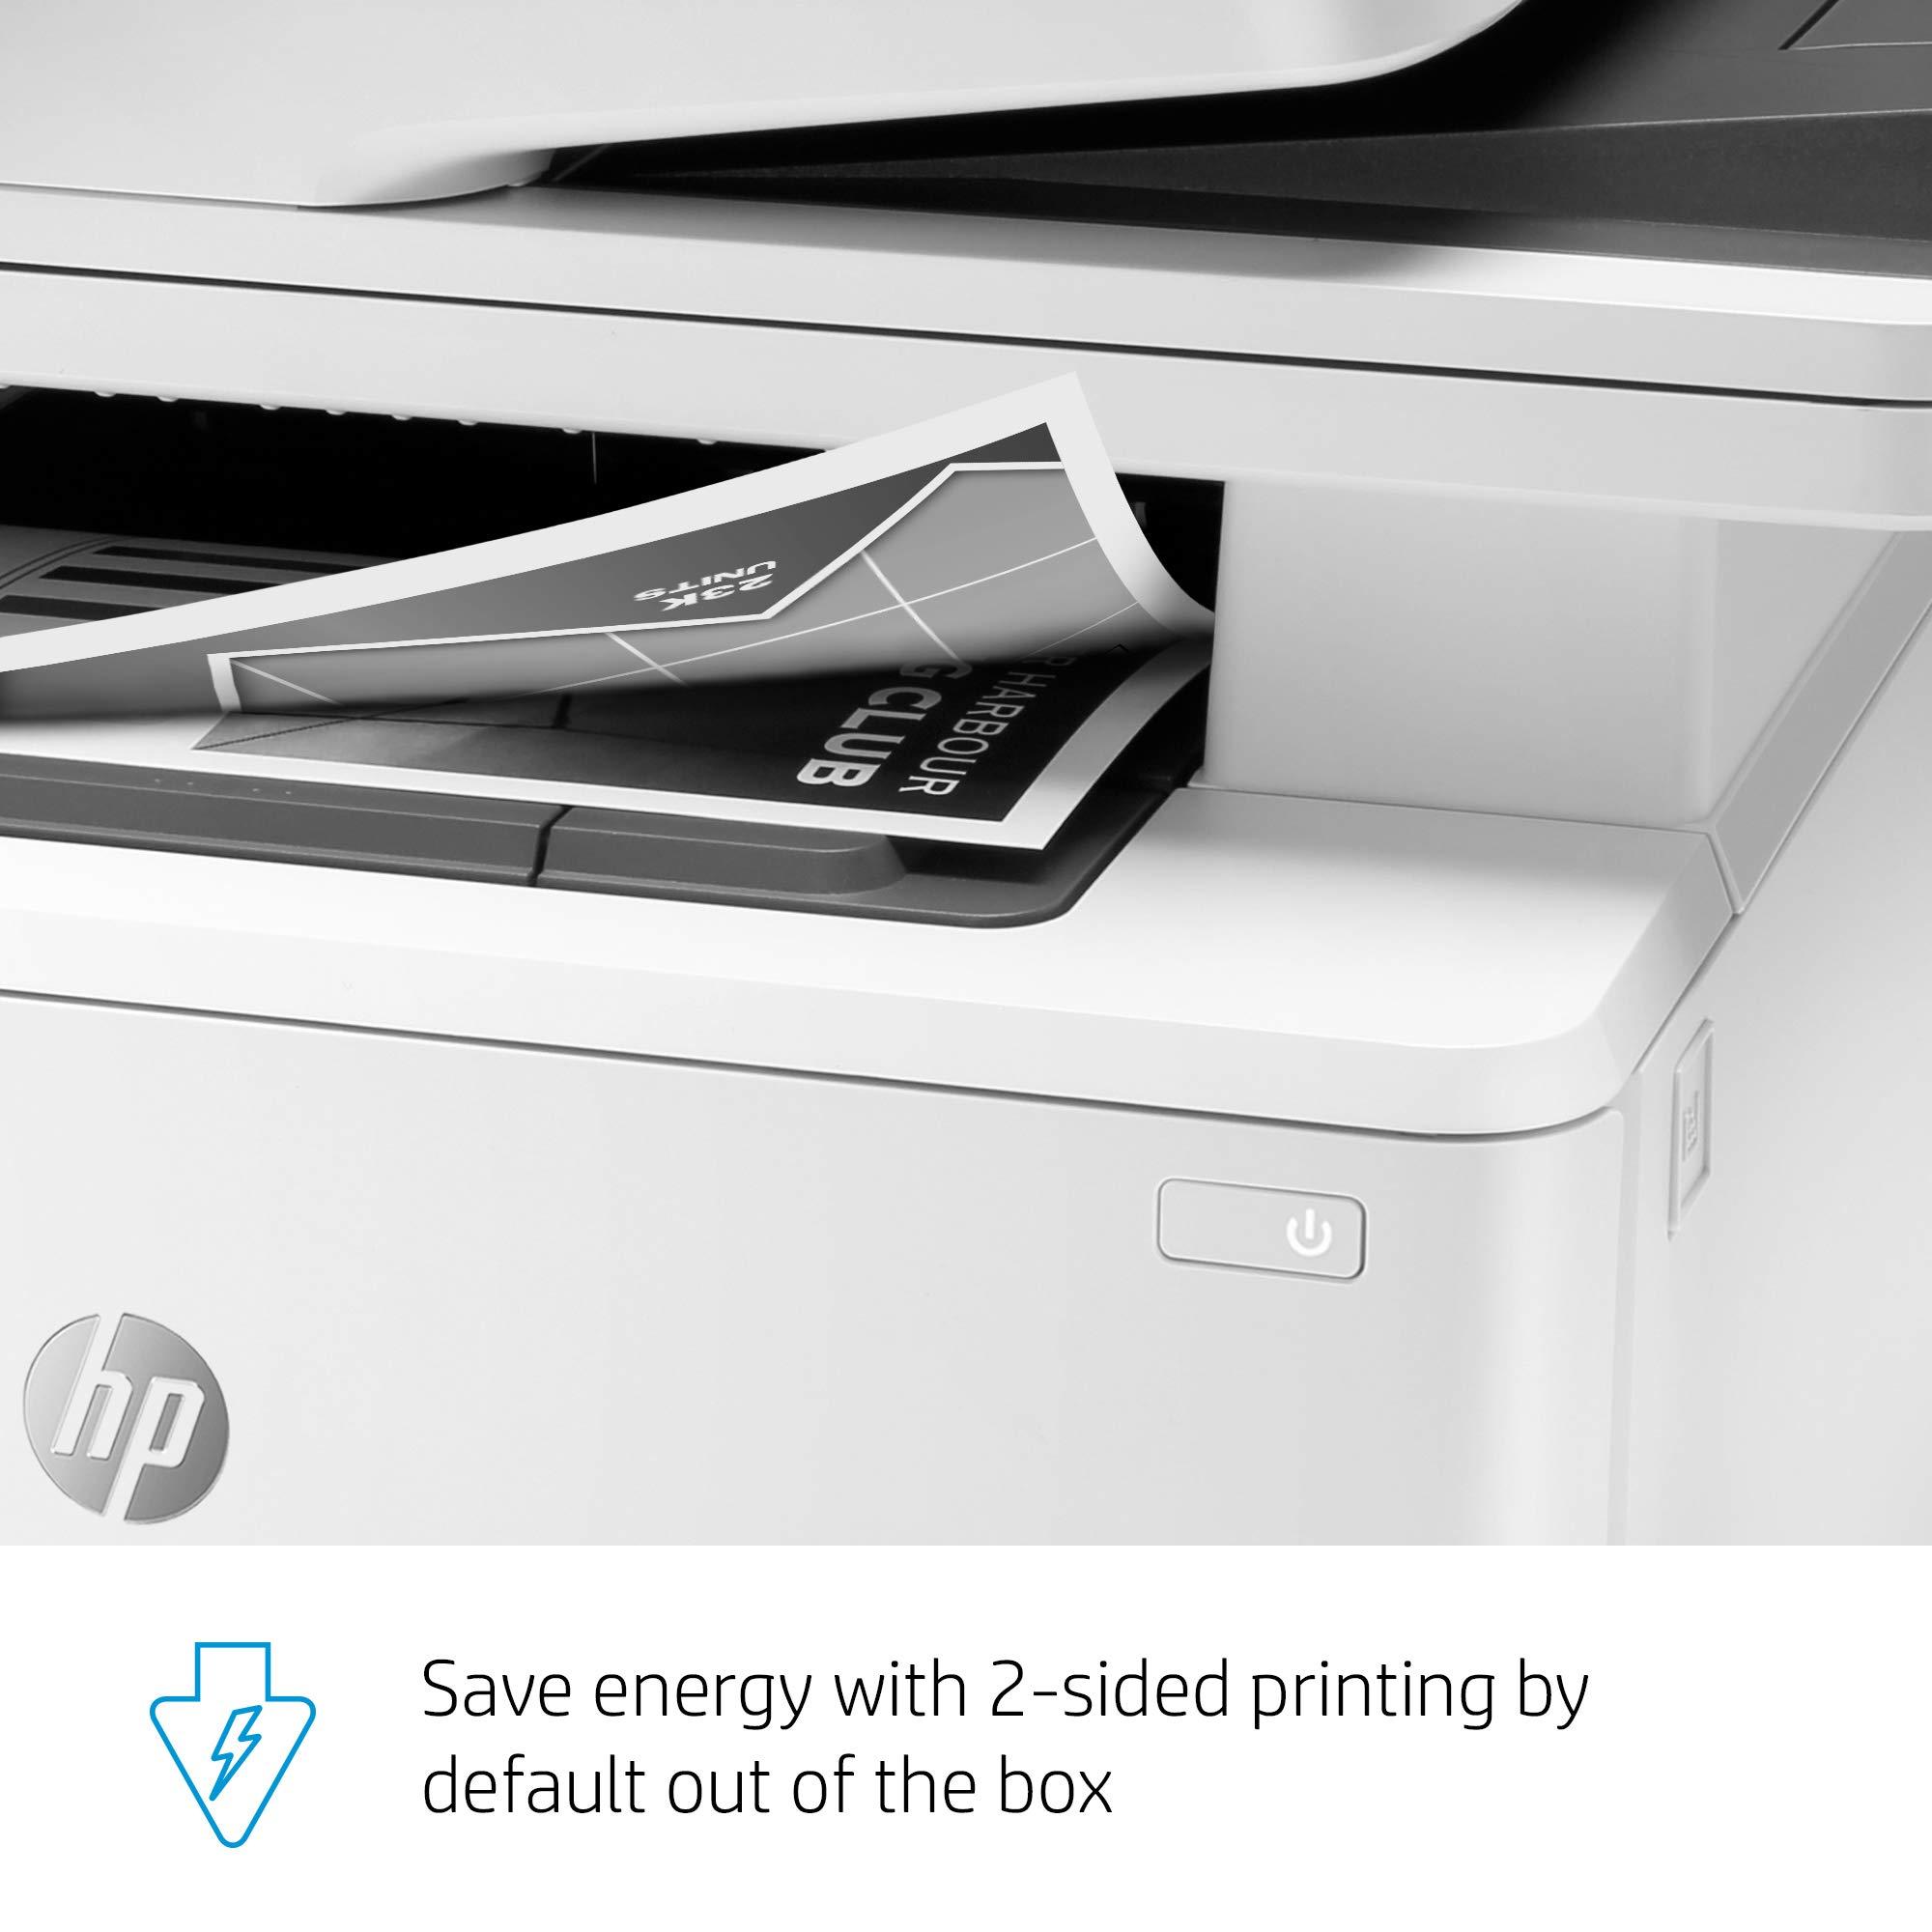 HP LaserJet Pro Multifunction M428fdw Wireless Laser Printer (W1A30A) by HP (Image #10)